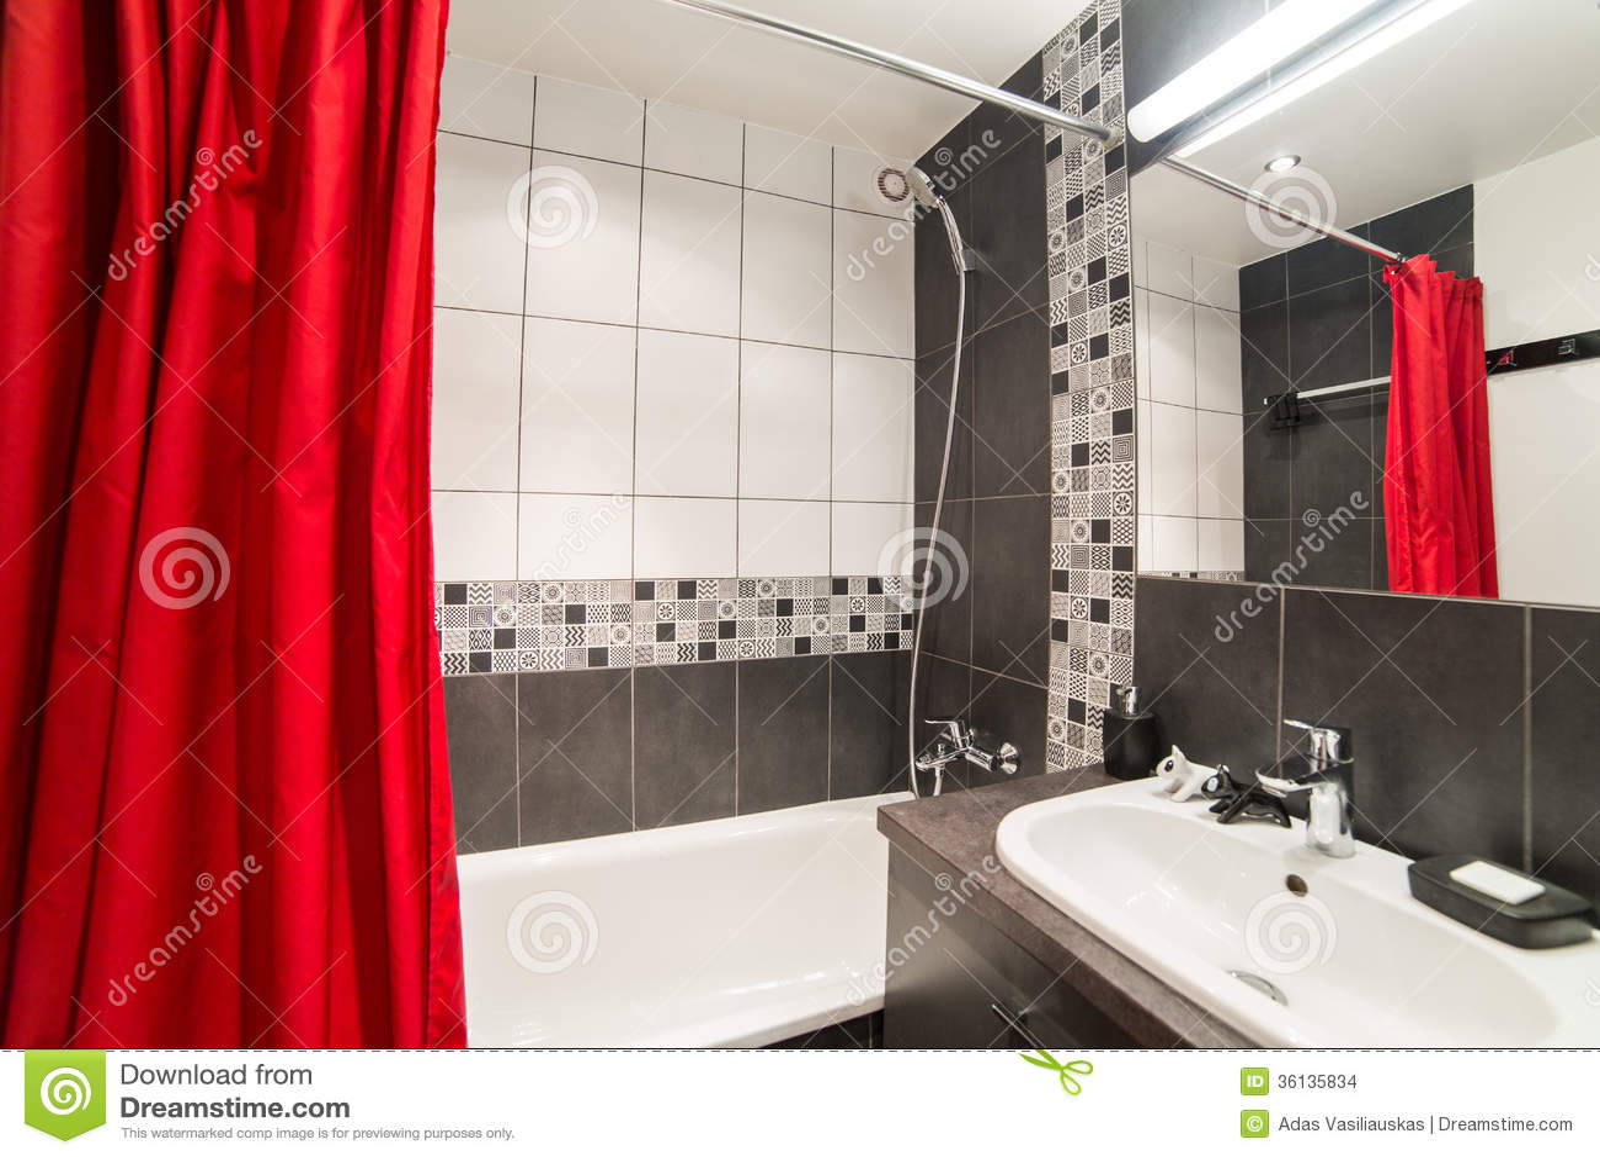 Idee tende stanza da letto : idee tende per camere da letto. idee ...